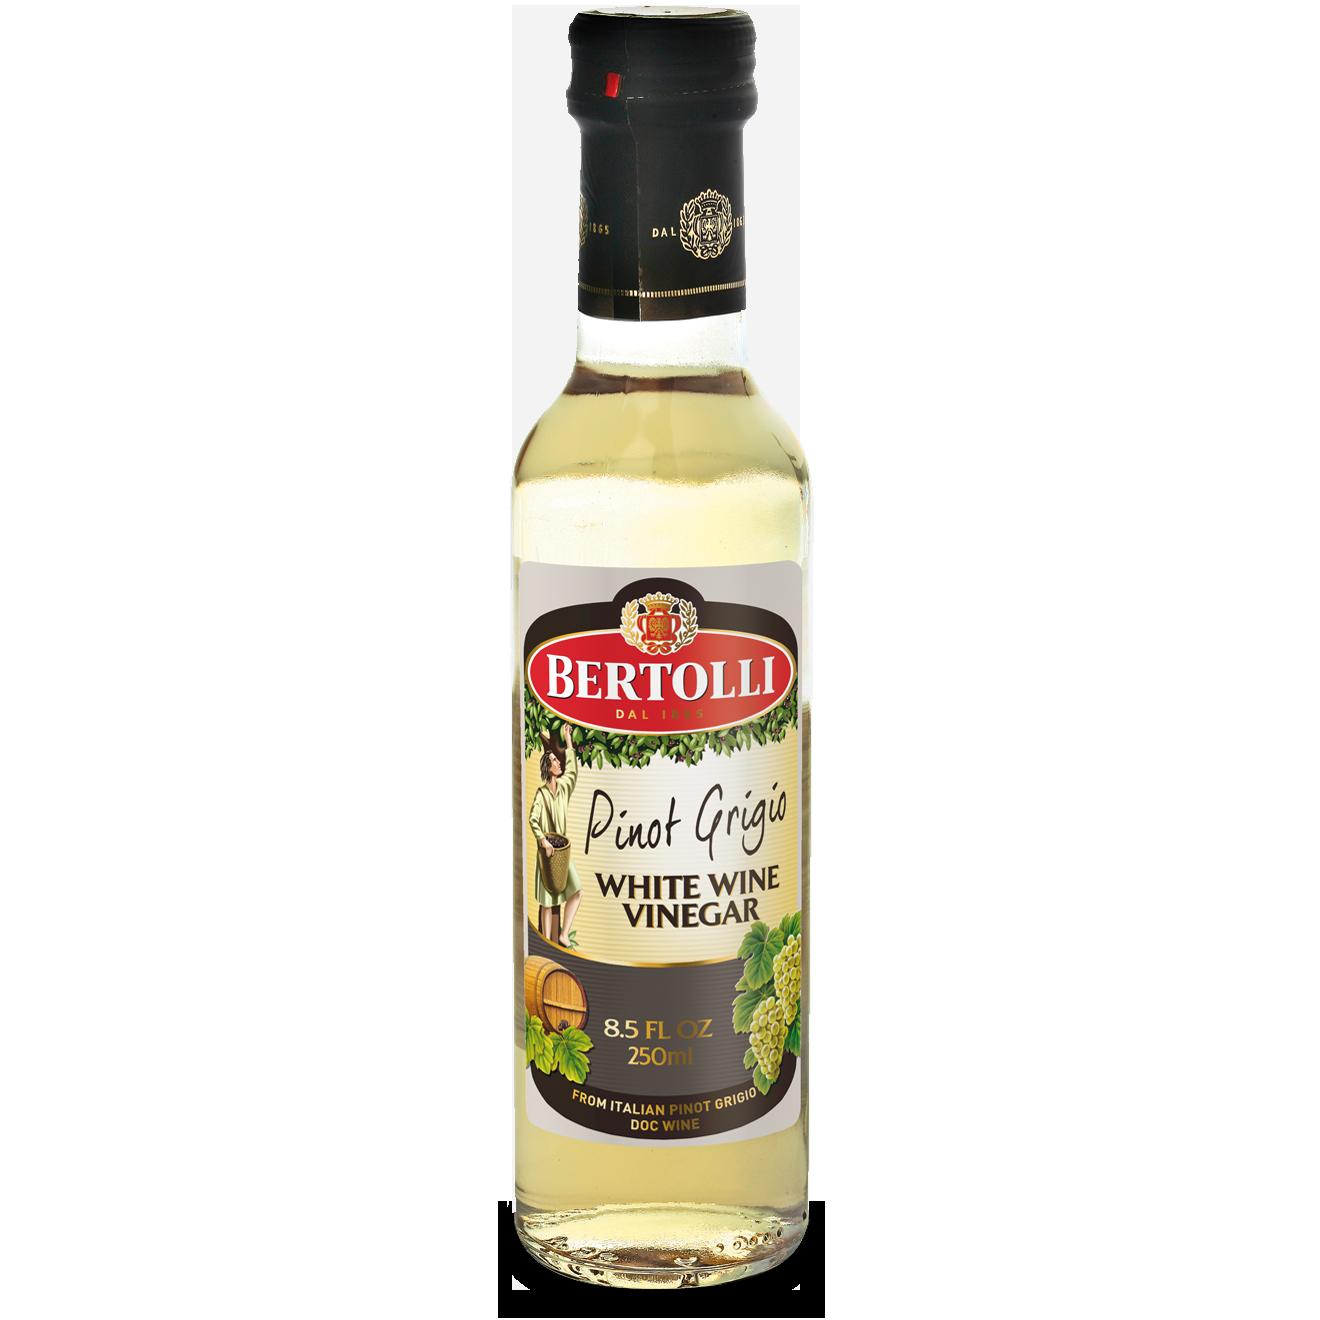 Bertolli Pinot Grigio White Wine Vinegar Bertolli